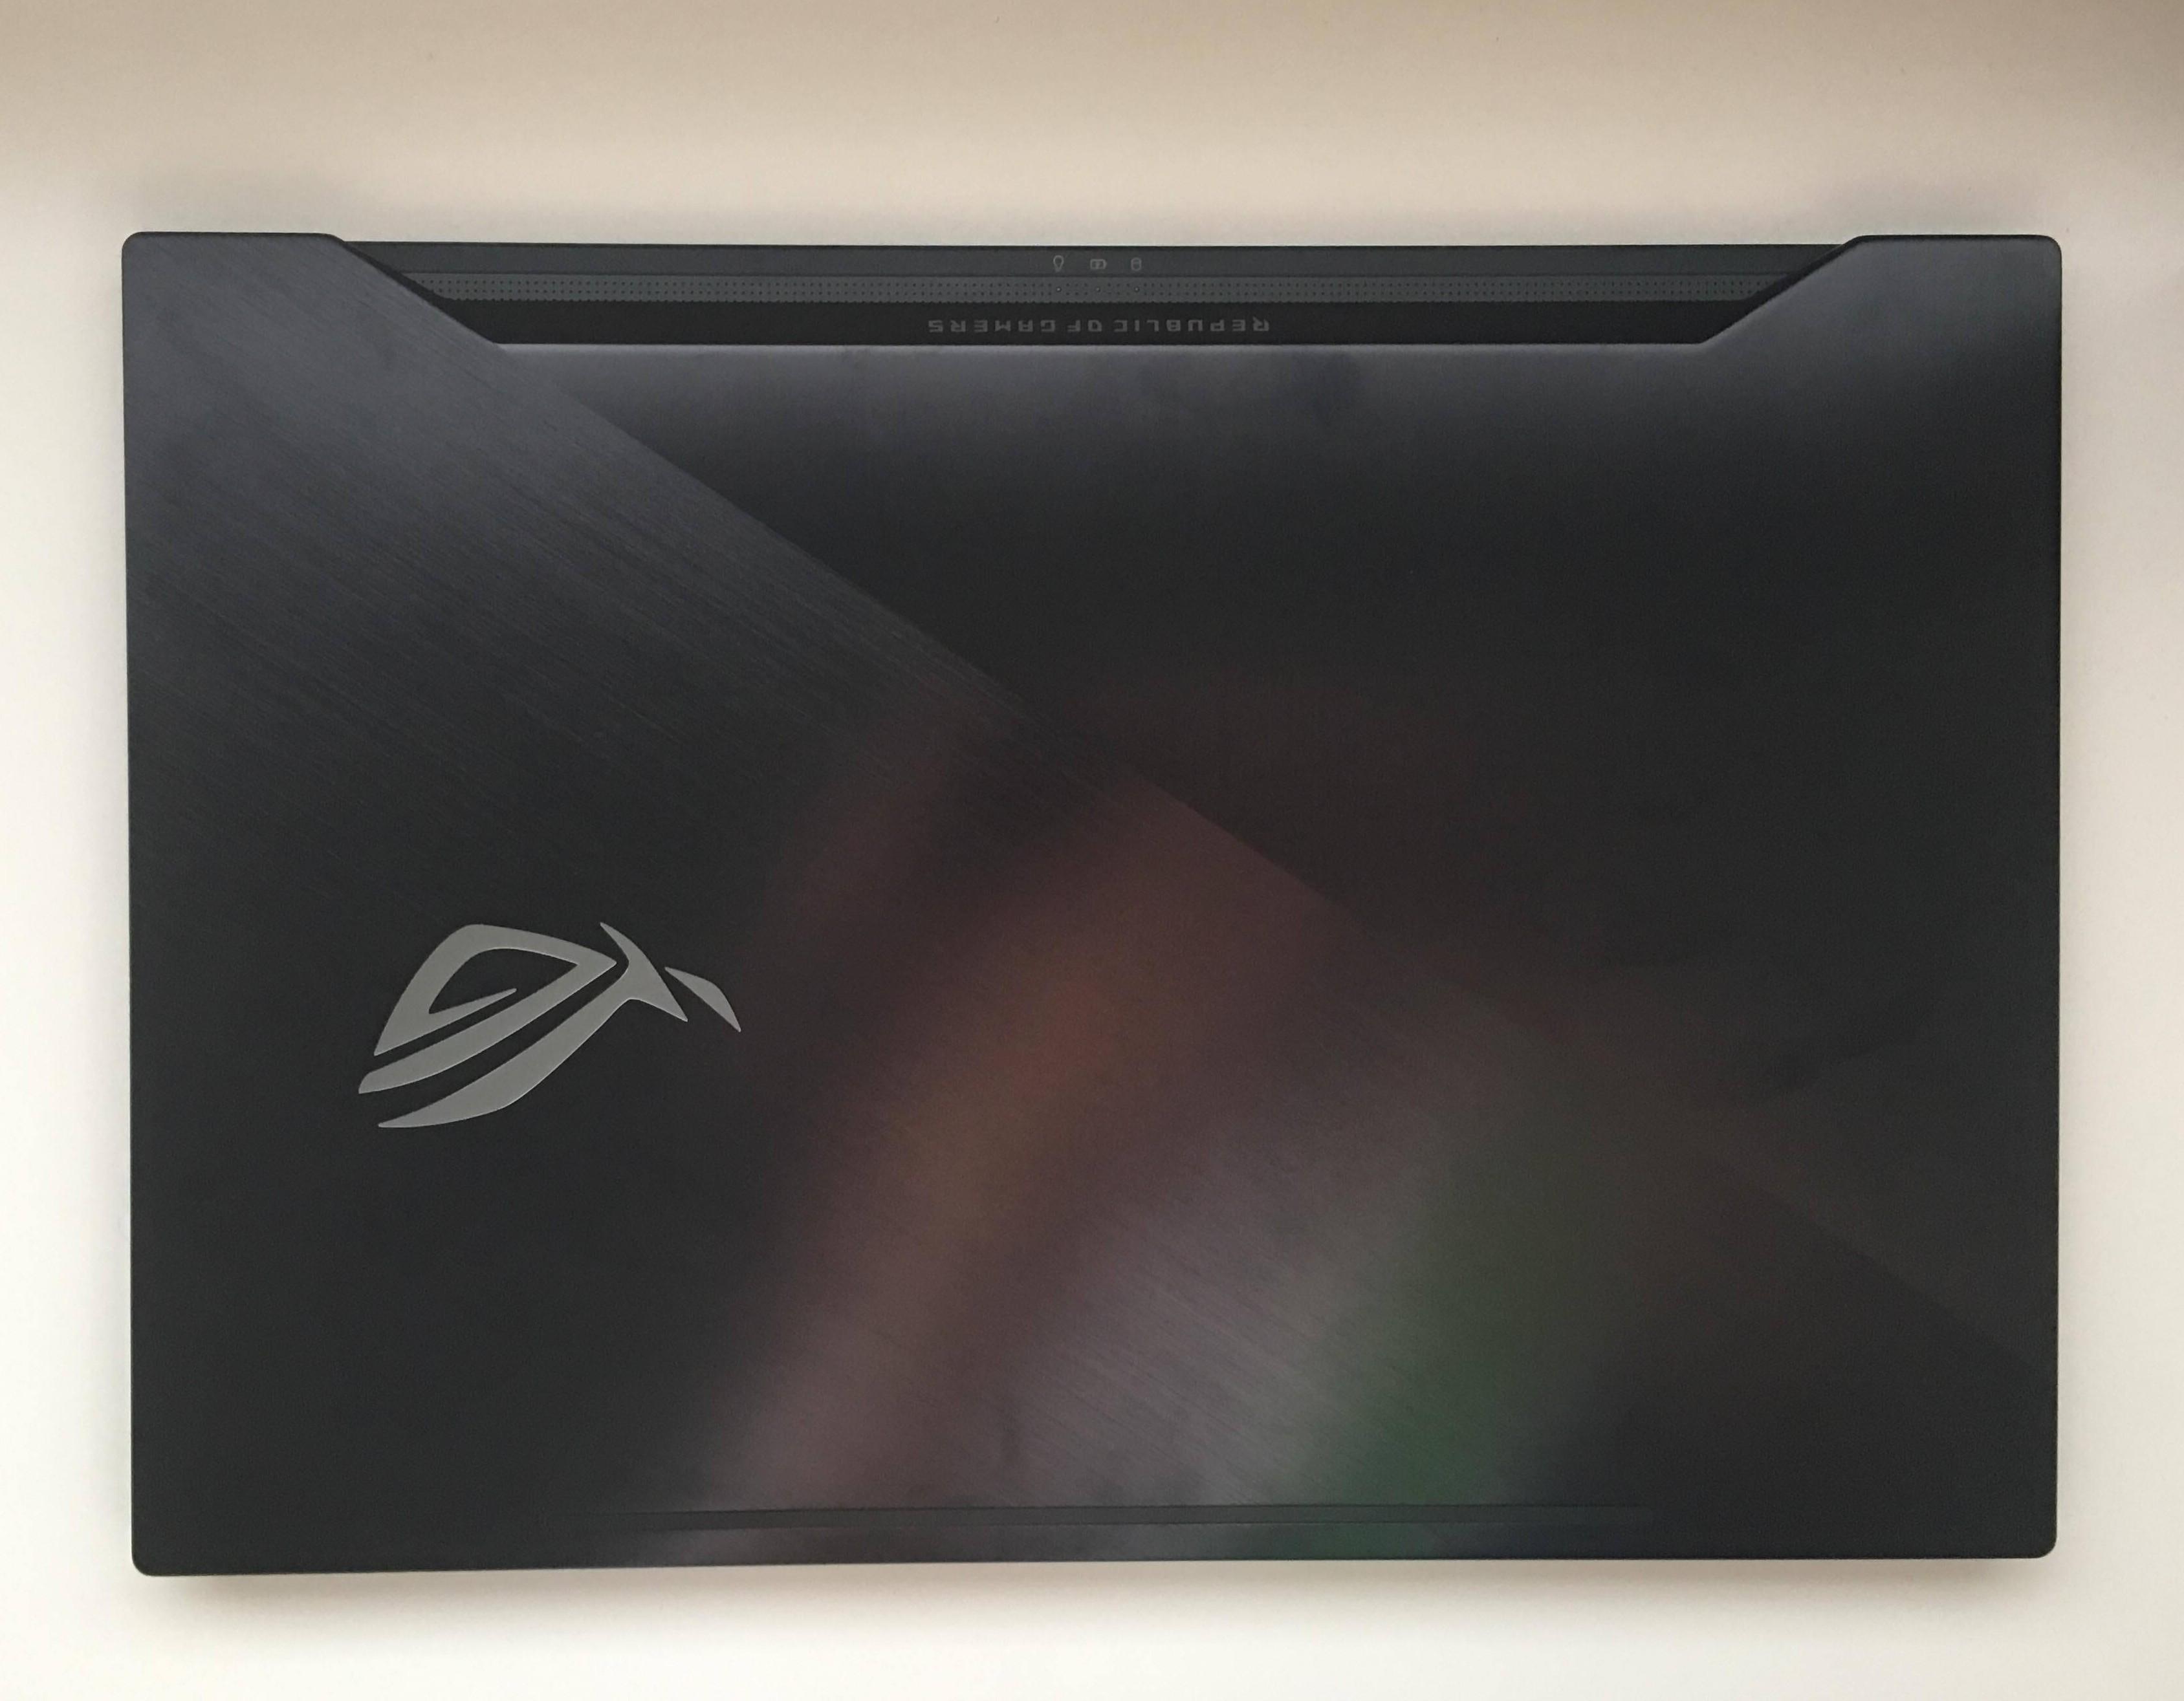 Zephyrus laptop